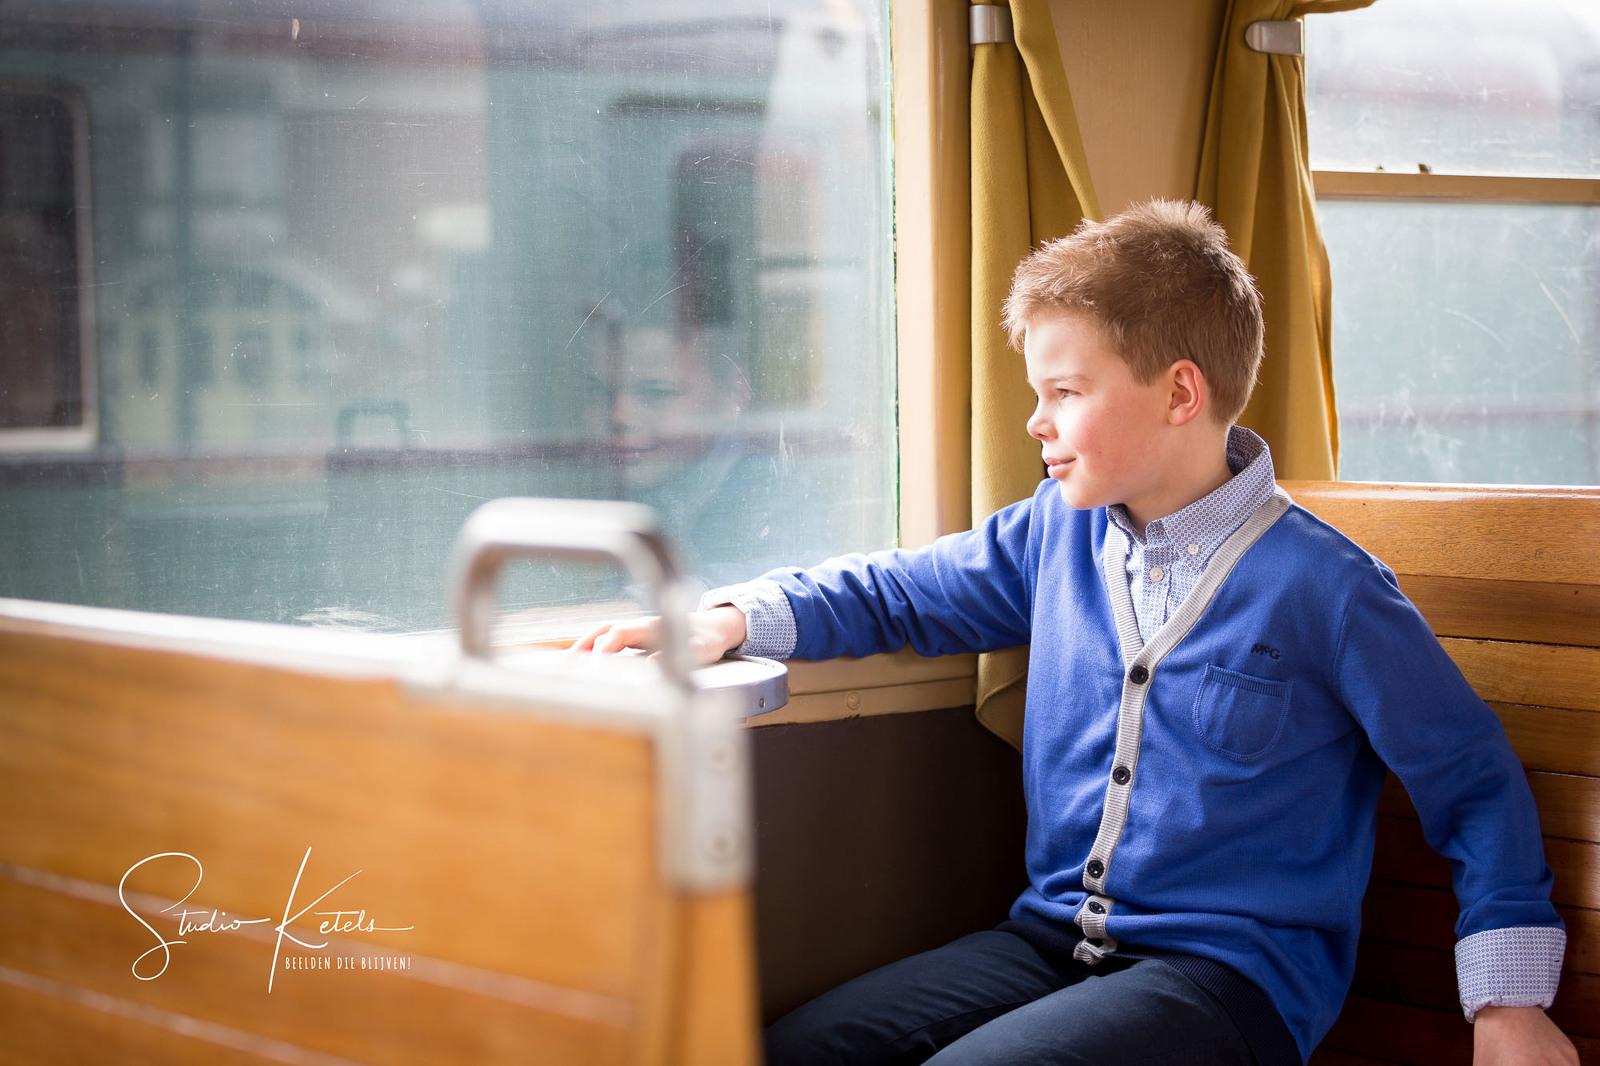 Communieportret van een jongen in de trein. Hij kijkt naar buiten, en wij zien zijn spiegelbeeld in het raam. Portret door Studio Ketels